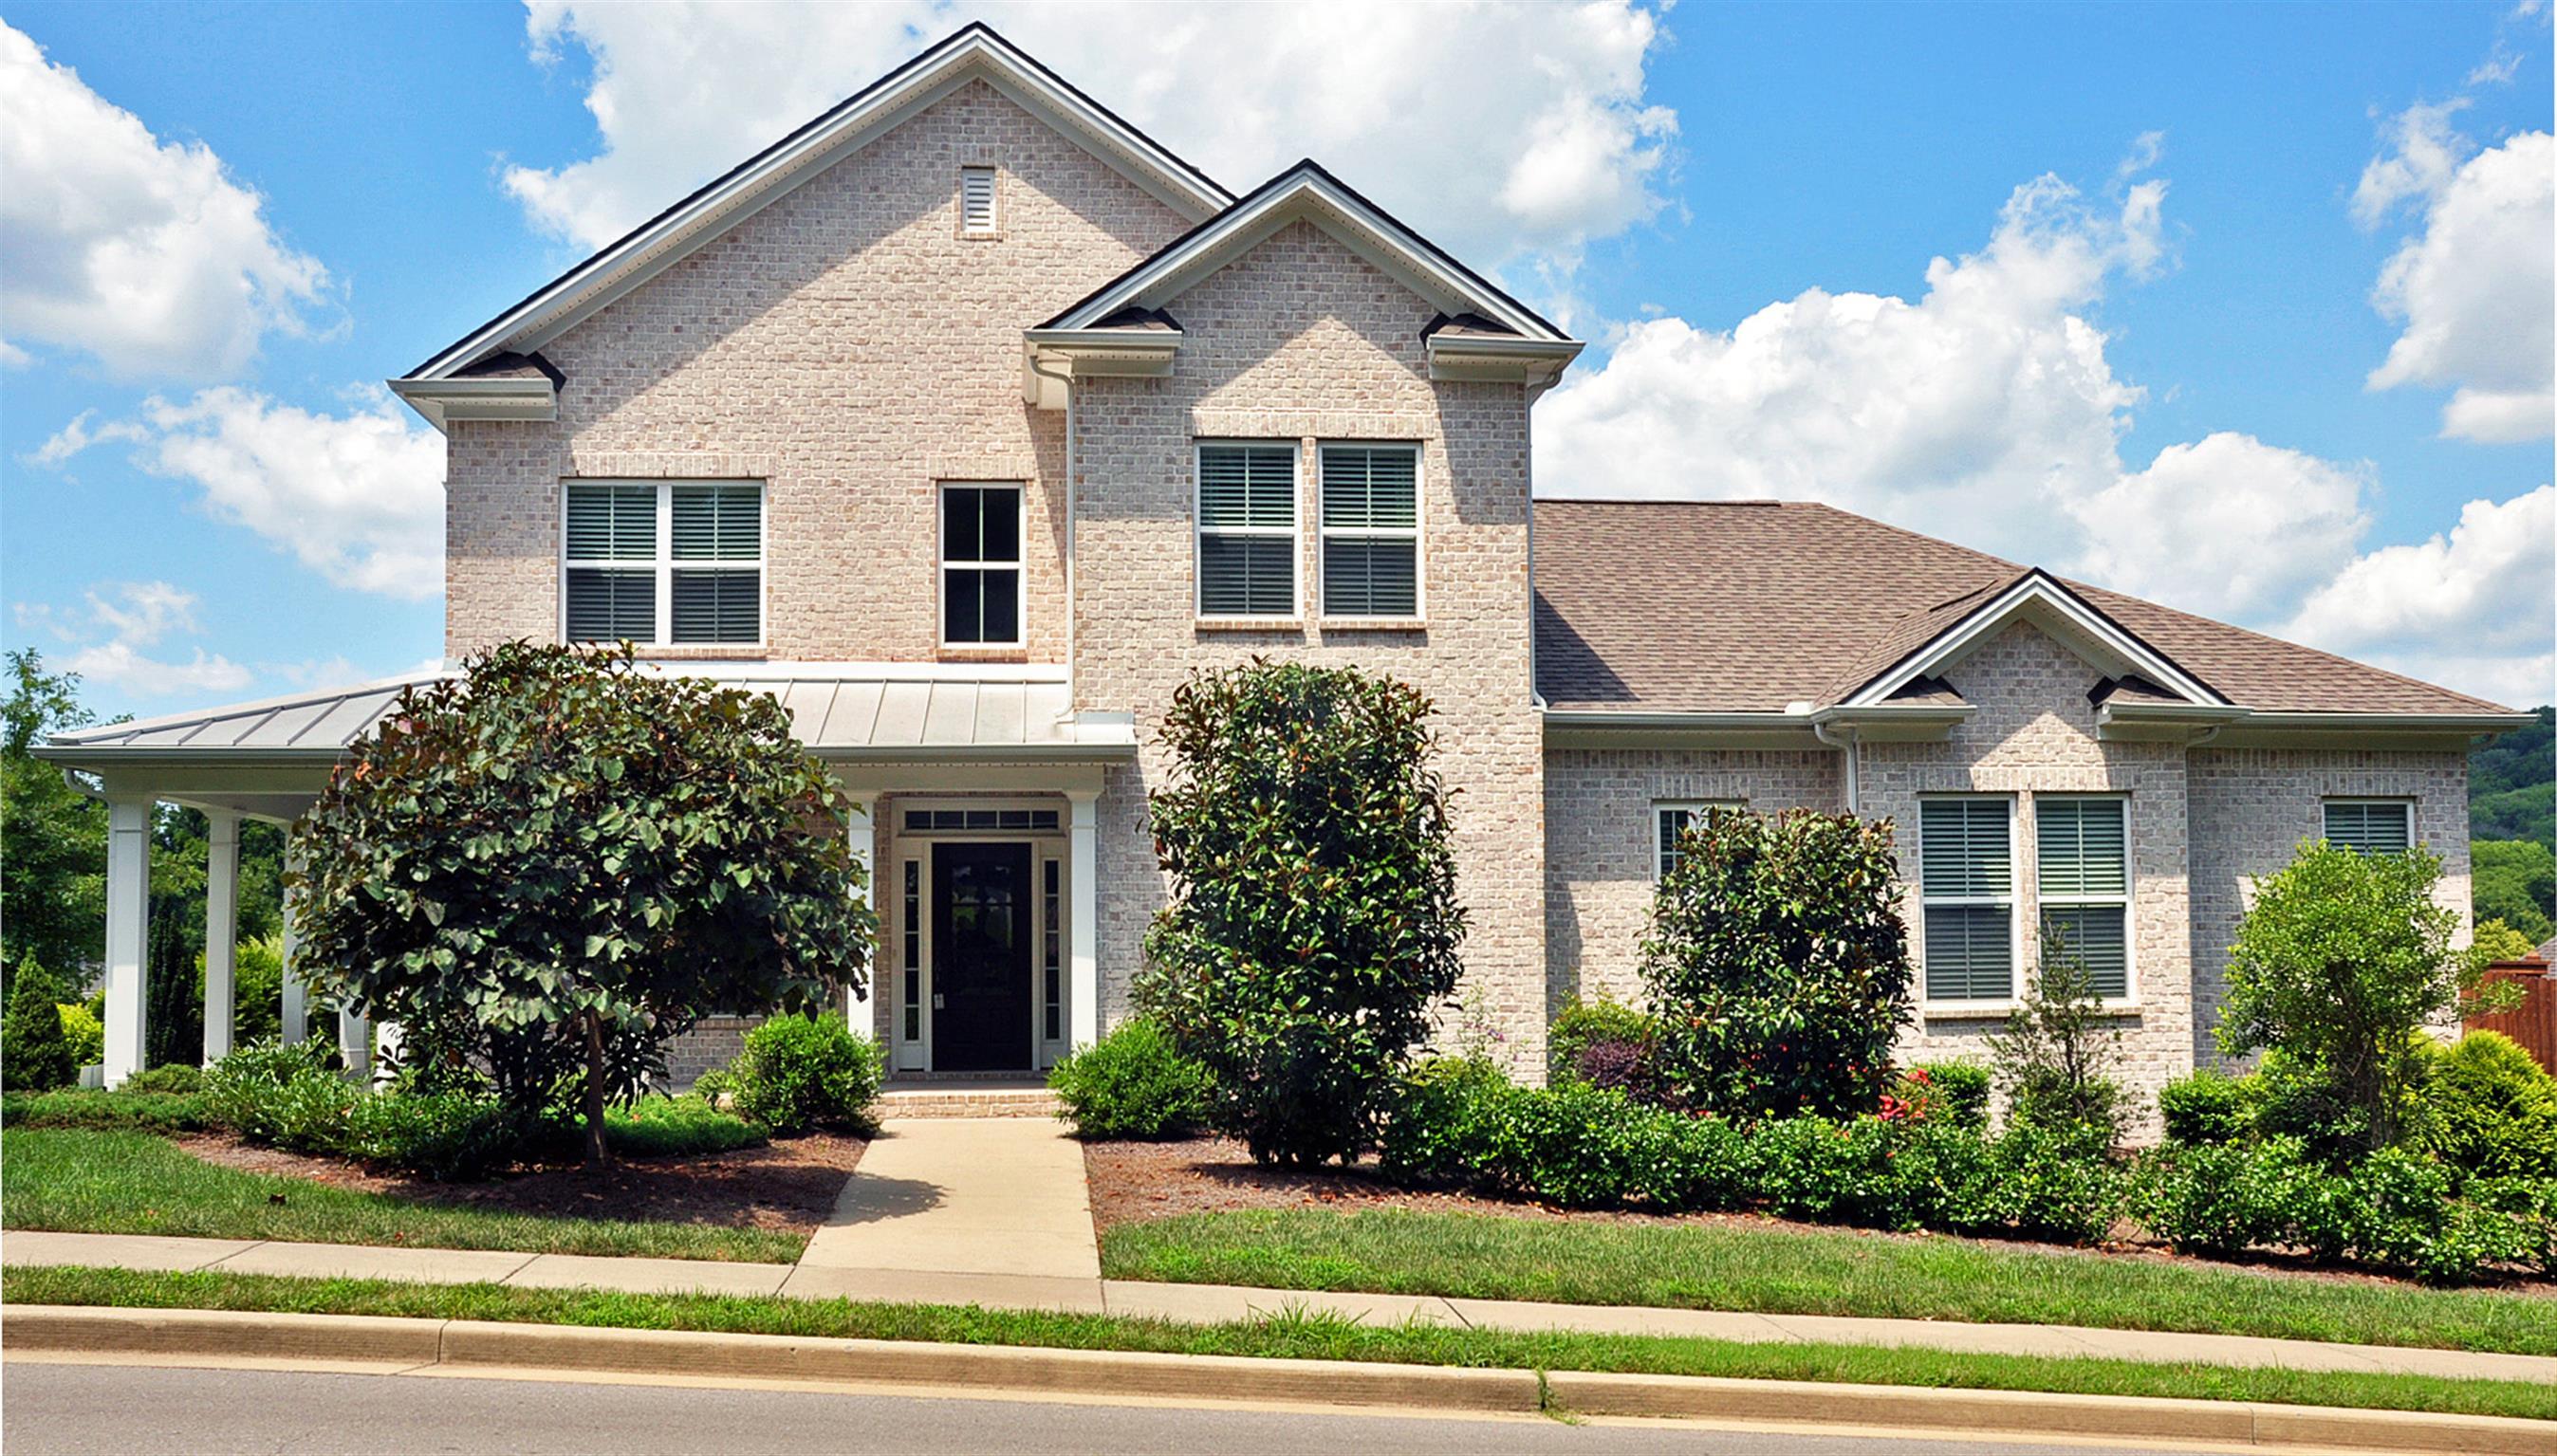 3300 Harriet Park Dr, Nashville, TN 37211 - Nashville, TN real estate listing